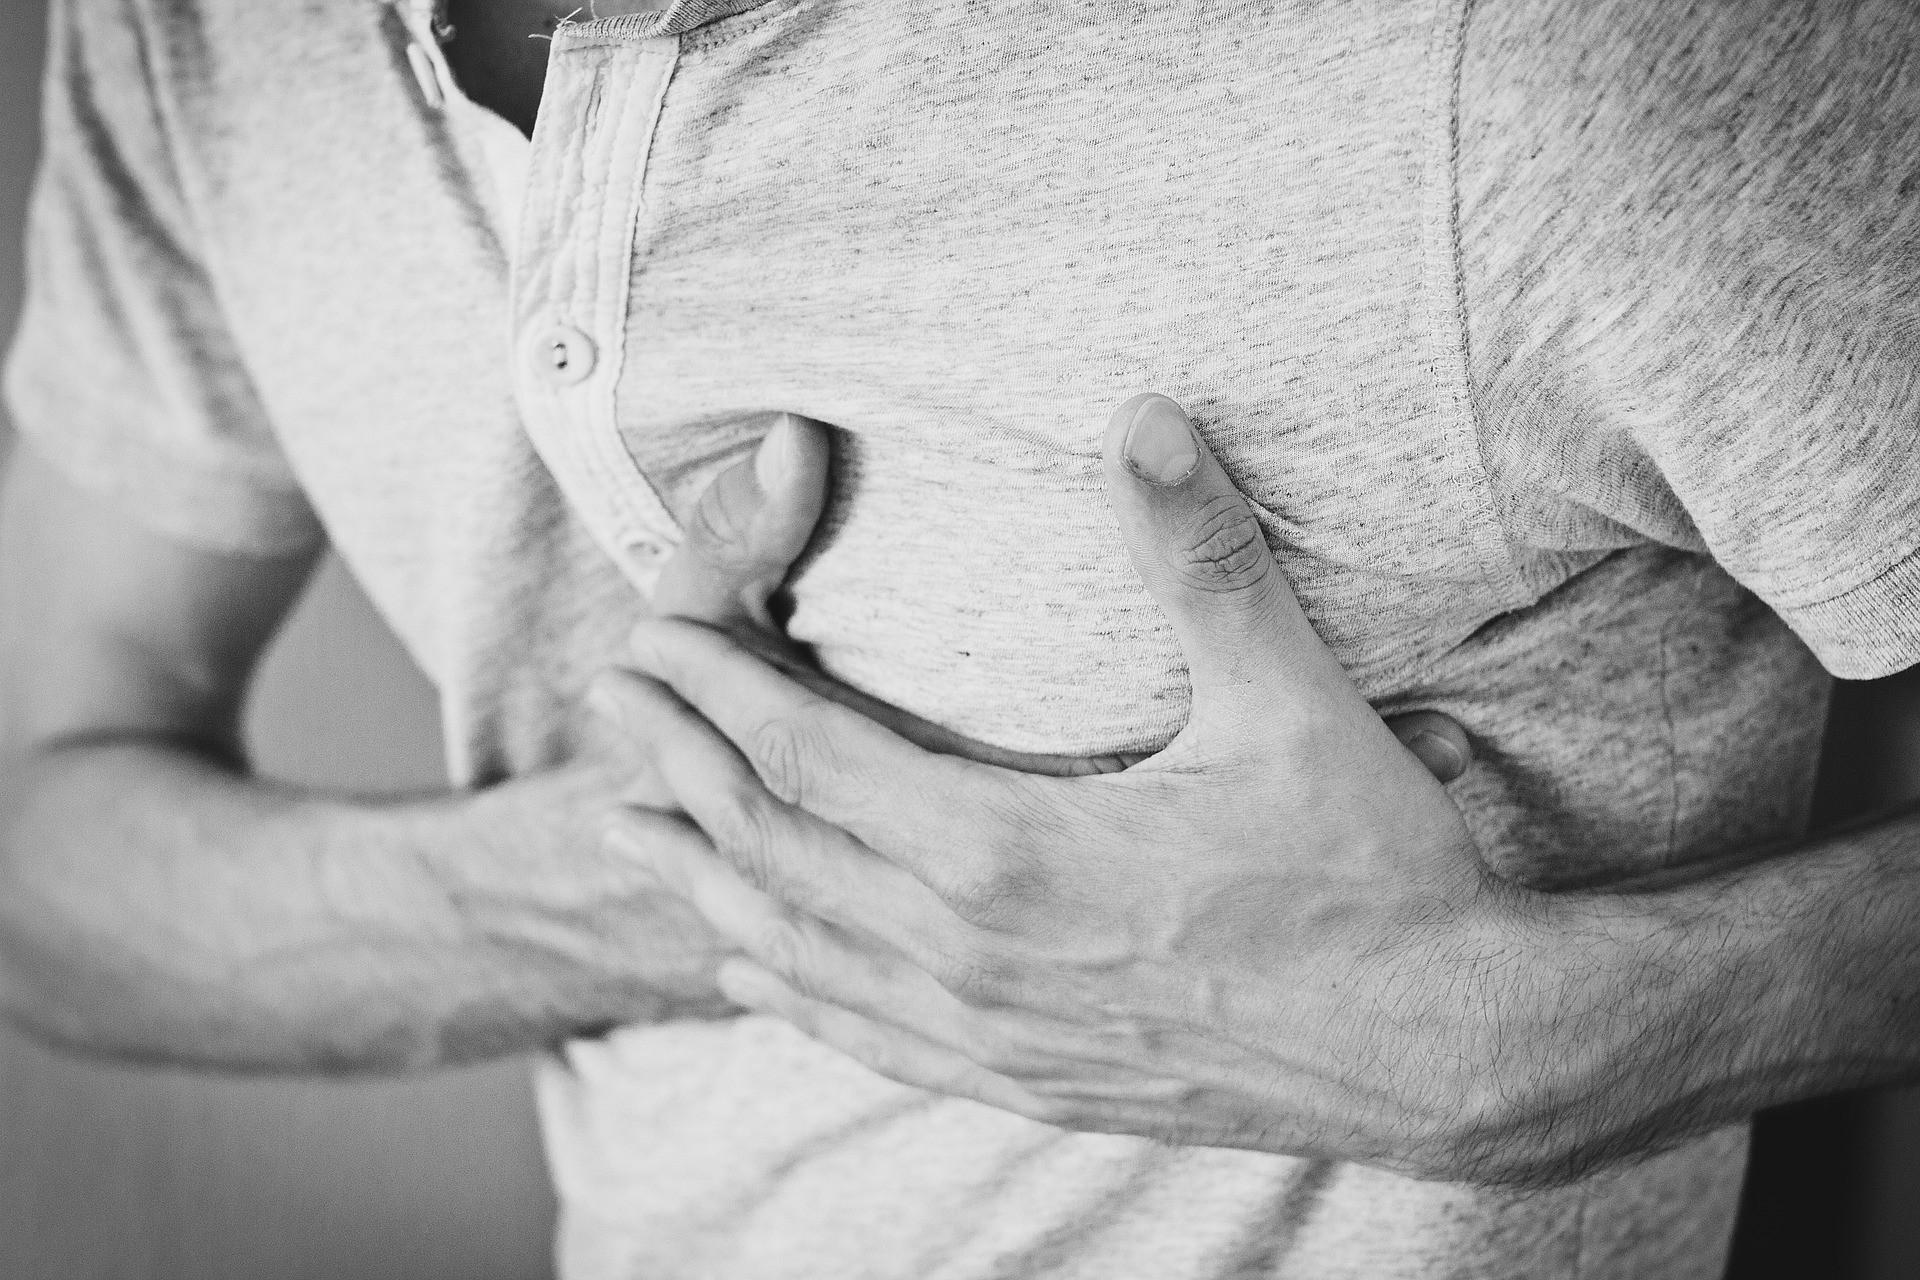 Saúde cardíaca é preocupante no Reino Unido (Foto: Pixabay)